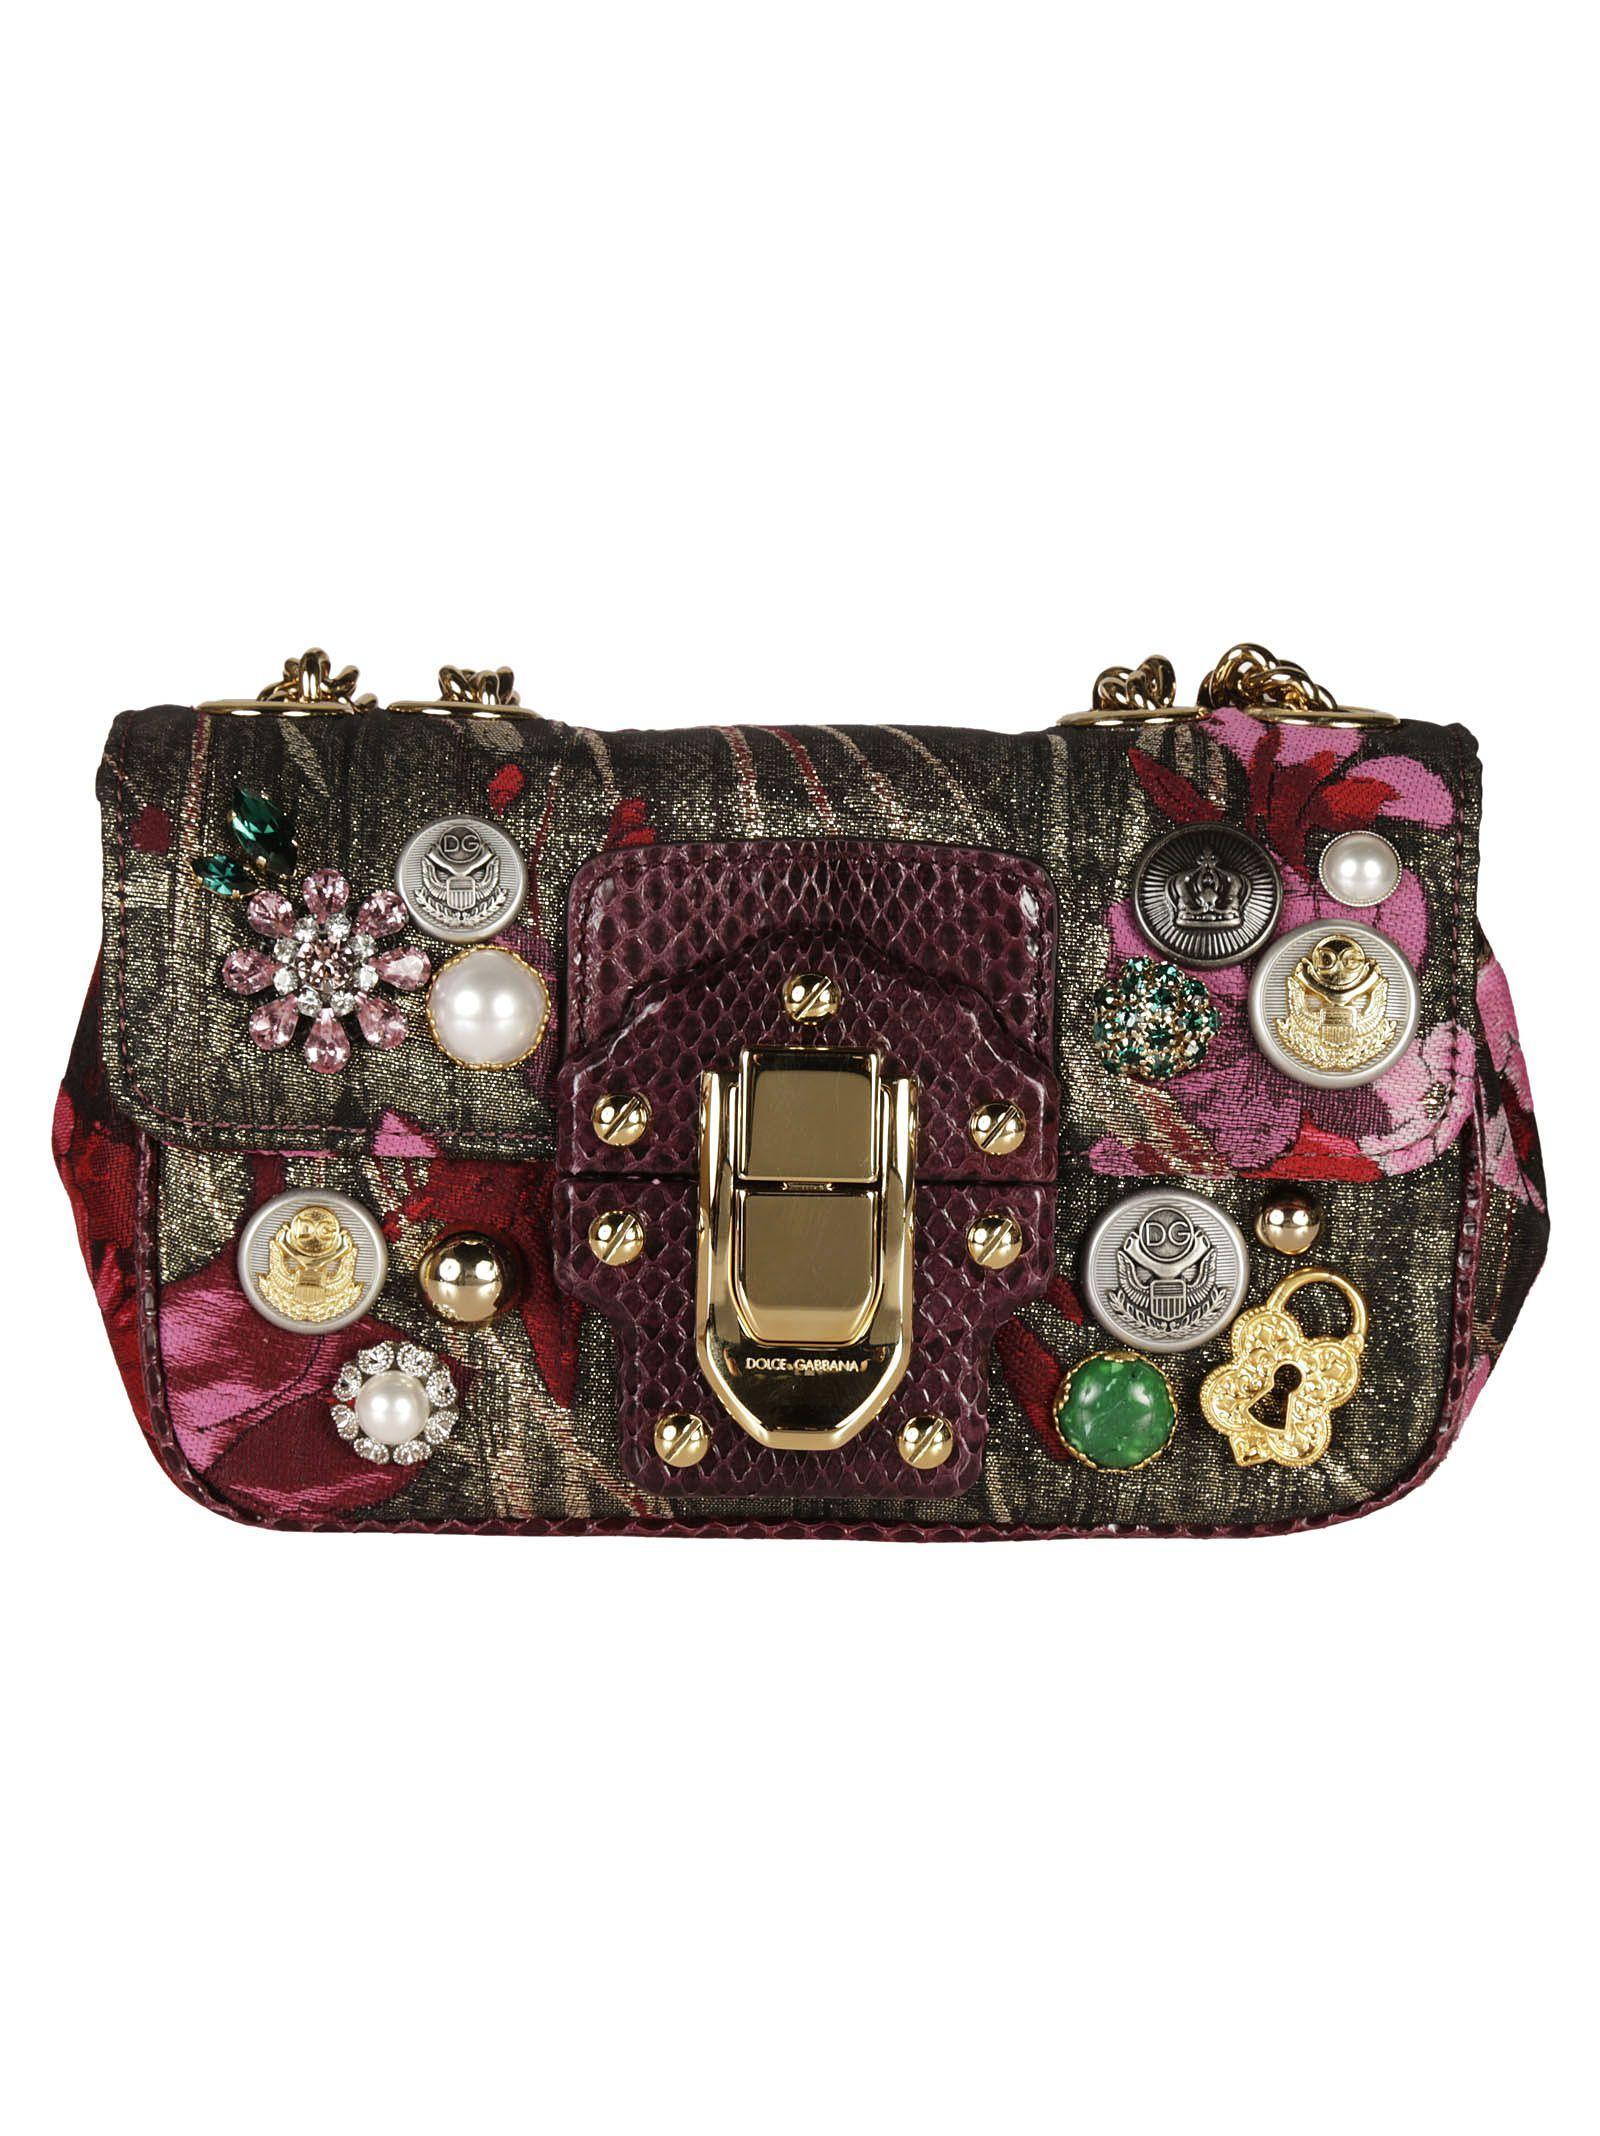 dbfff5ae0a DOLCE   GABBANA FLORAL PRINT LUCIA SHOULDER BAG.  dolcegabbana  bags   shoulder bags  stone